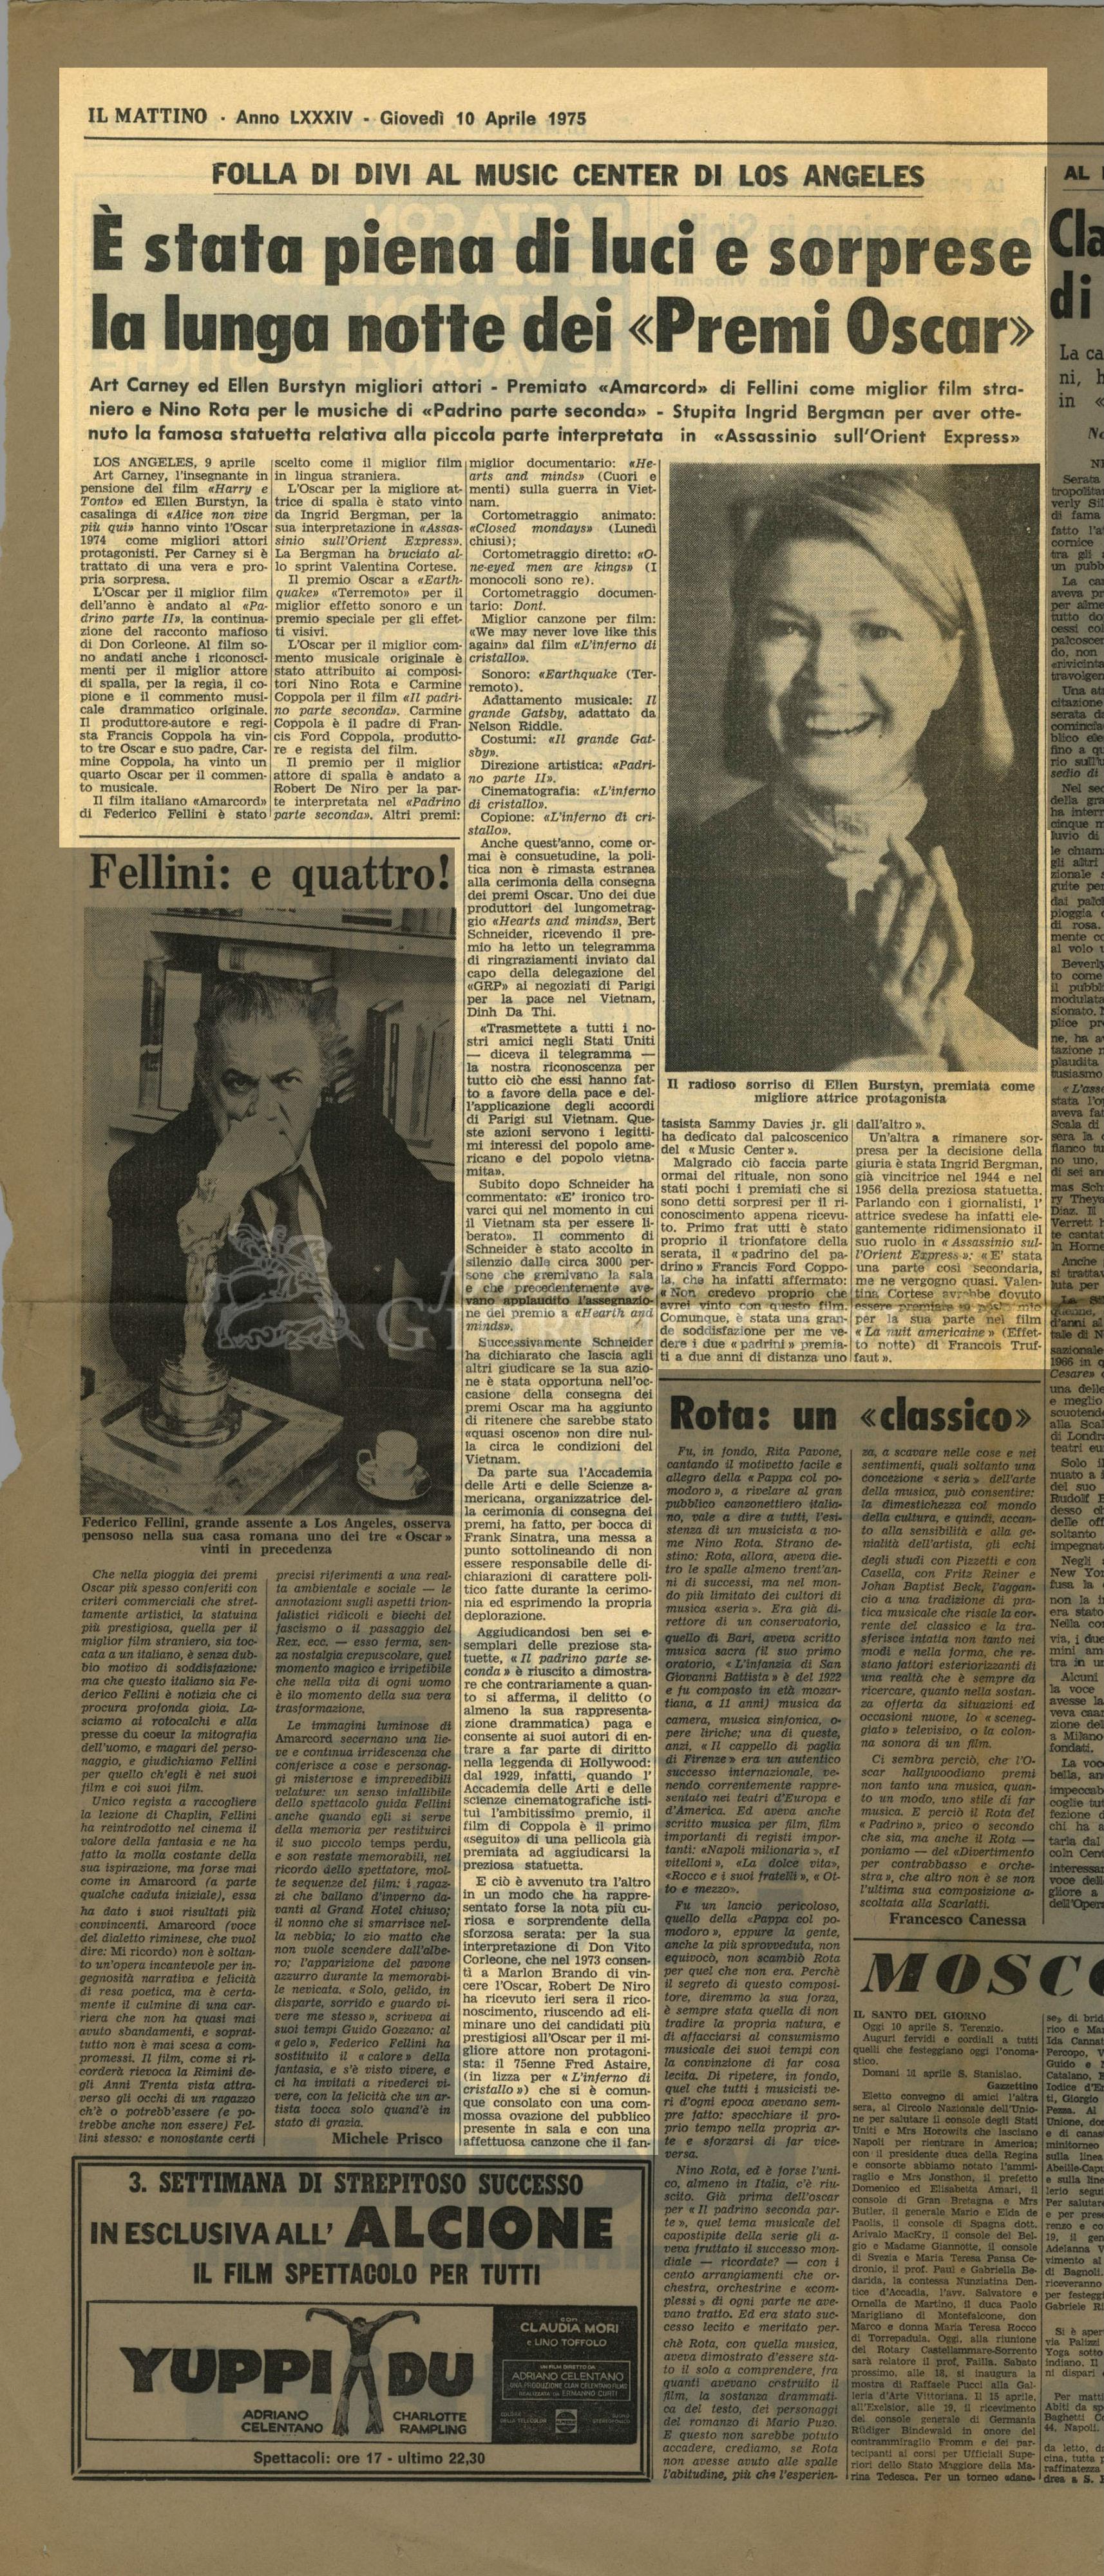 E' stata piena di luci e sorprese la lunga notte dei 'Premi Oscar'  10 aprile 1975